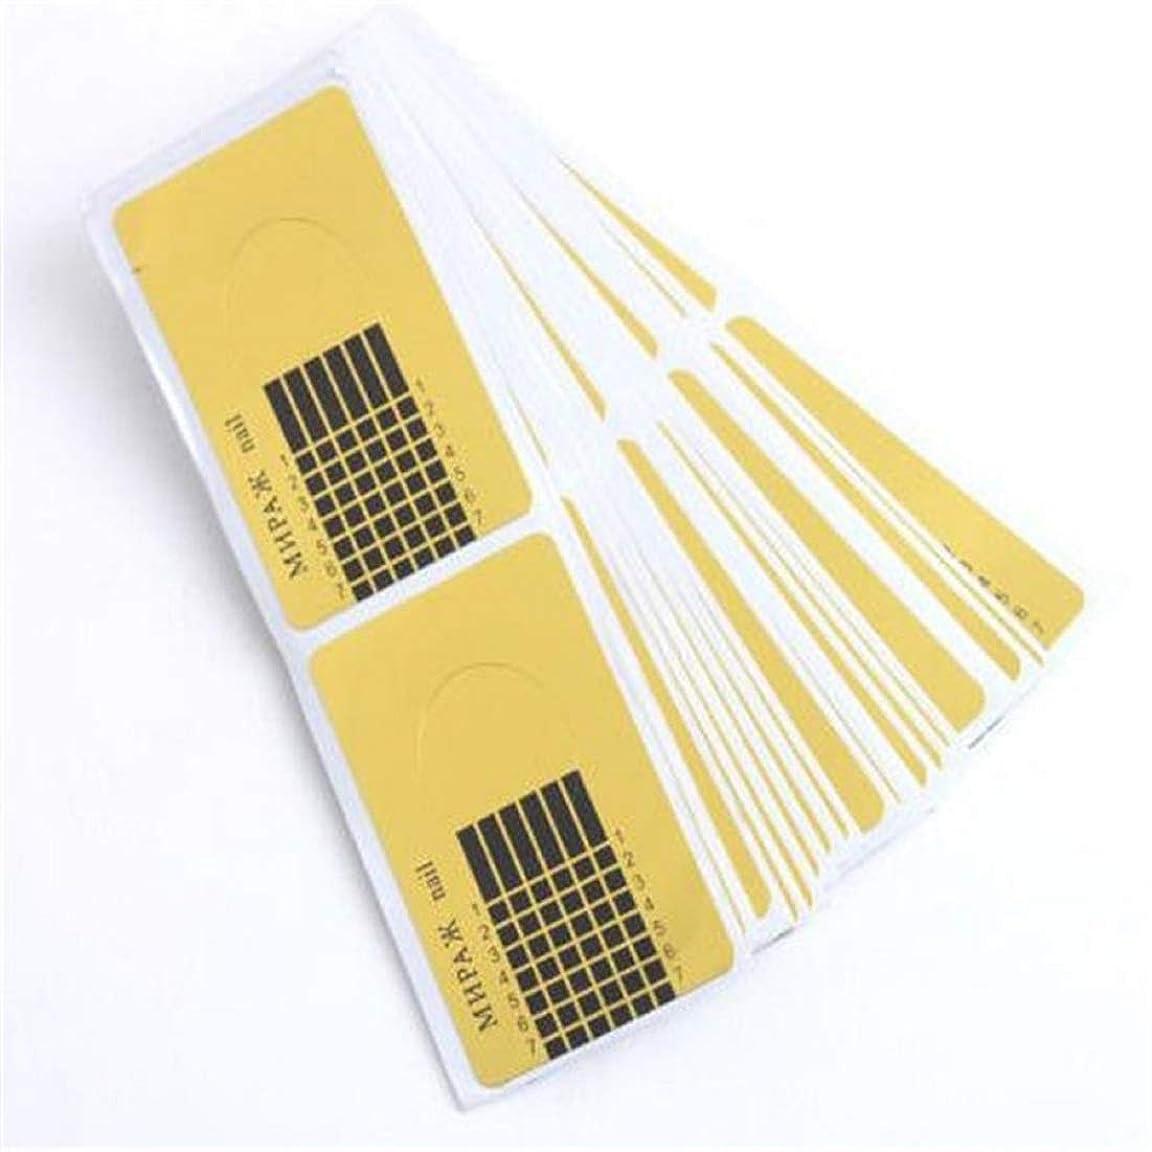 はずスマイルお嬢Wadachikis 信頼性デザイン100個新しいコンセプトゴールド昆虫タイプ指トリートメント爪サポートクリスタル特殊ホルダー(None golden)